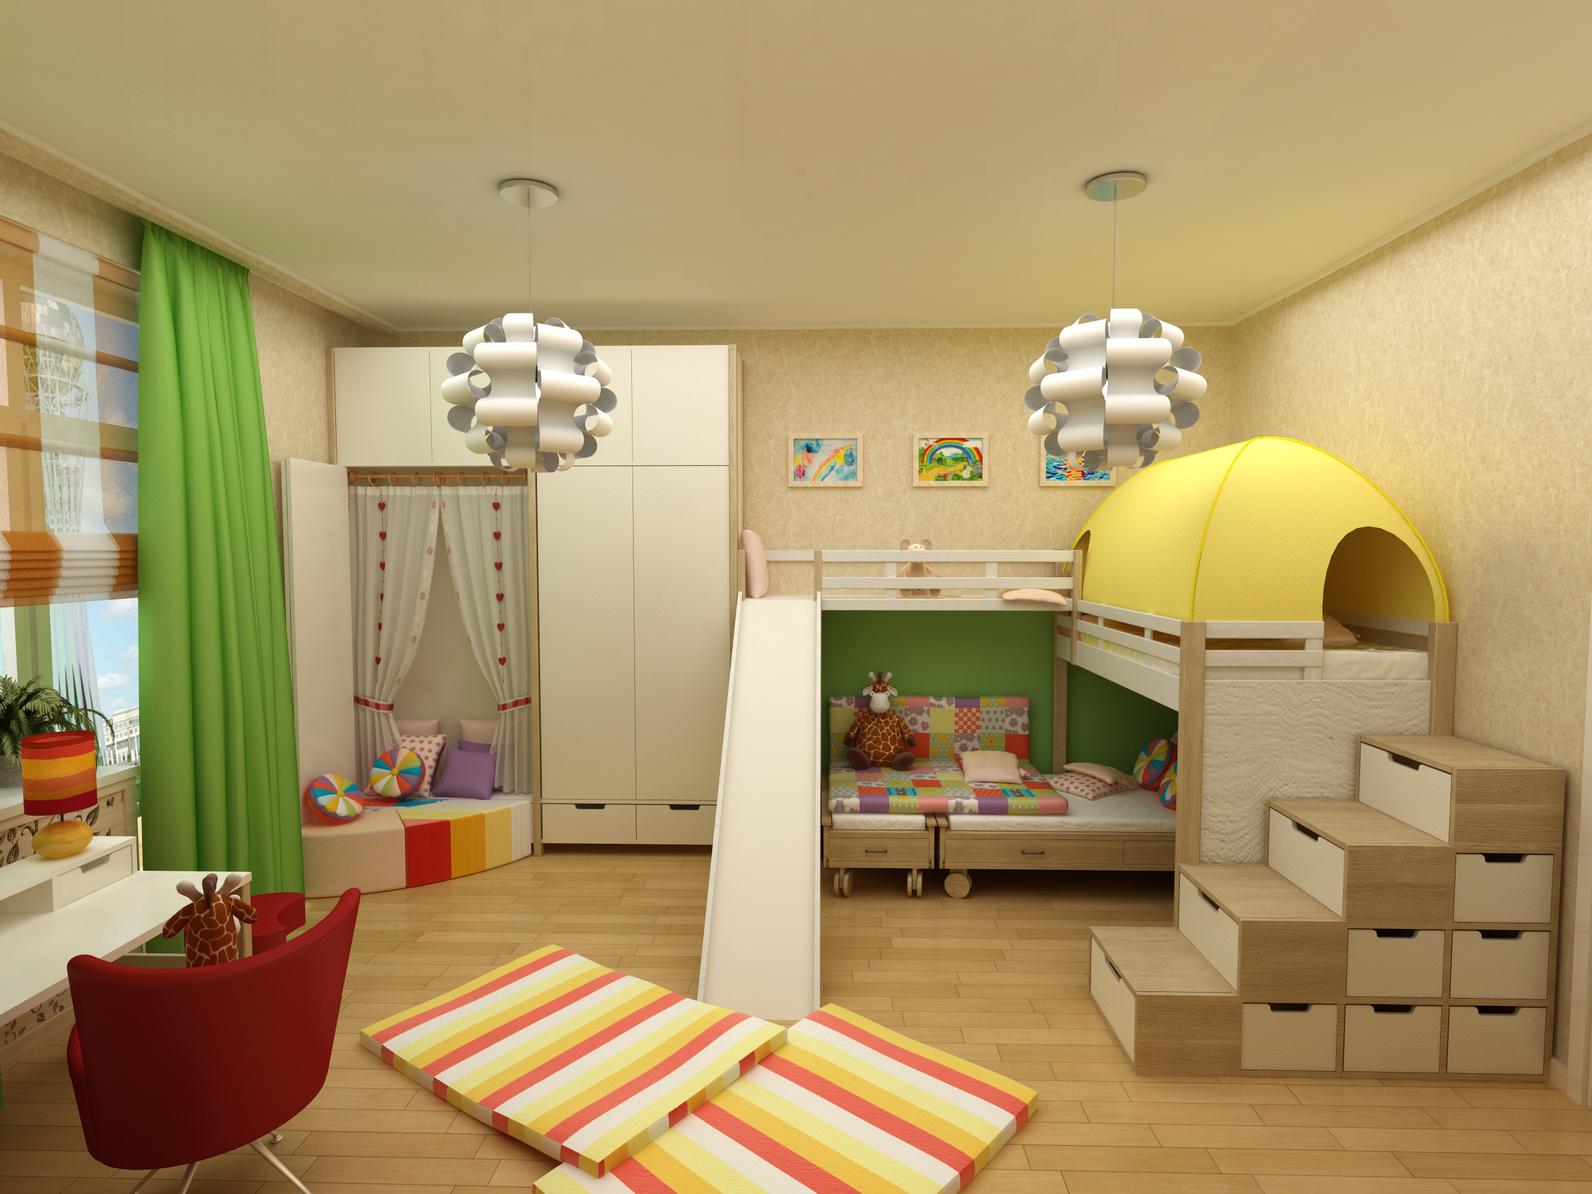 Das Hochbett ist nicht nur der Traum von vielen Kindern, es macht auch aus kleinen Räumen ein wahres Spielparadies. (#02)